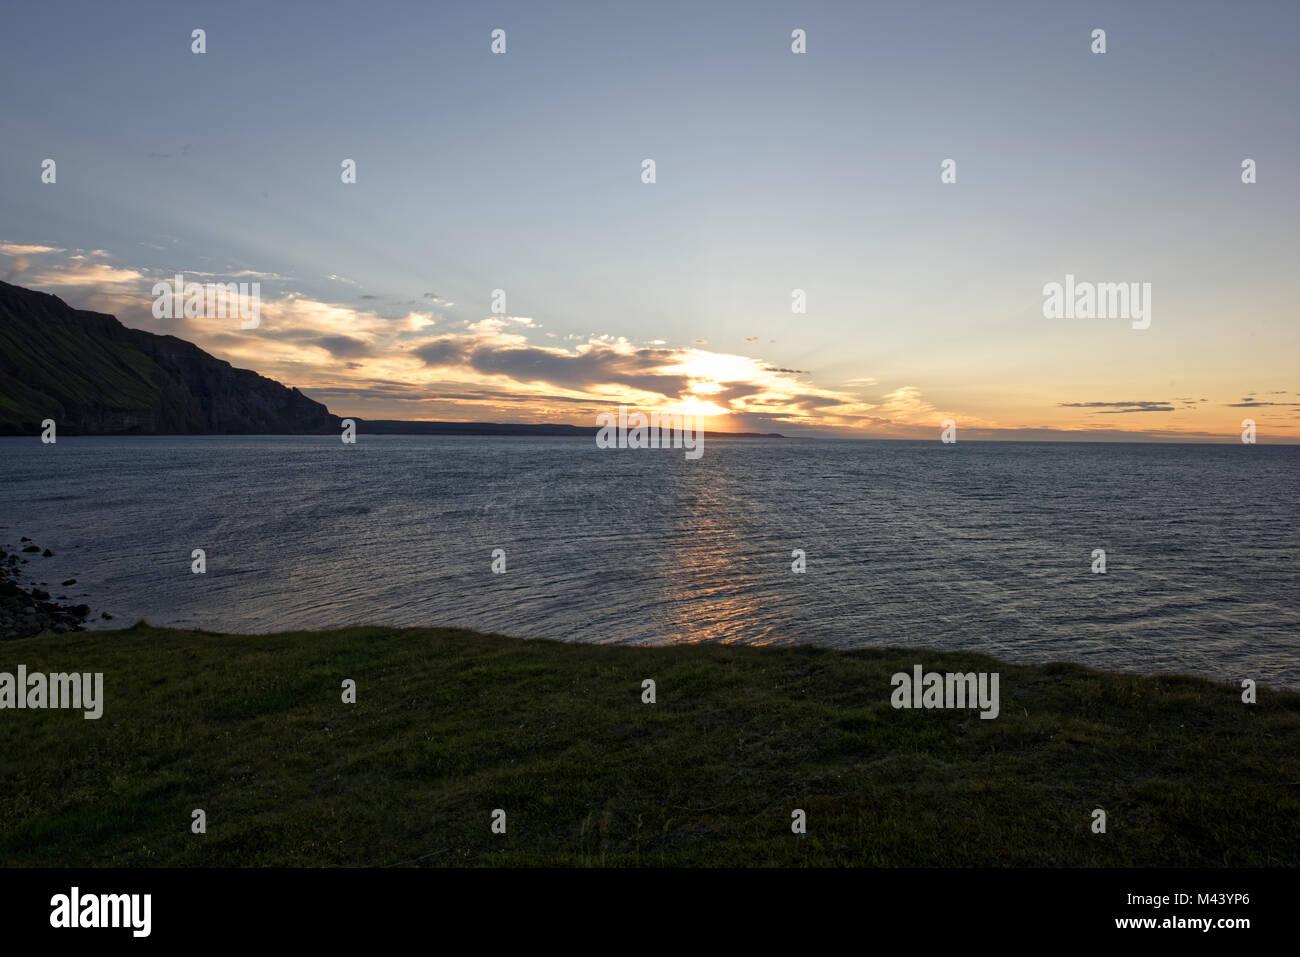 Drangey ist eine unbewohnte isländische Insel, die in der Mitte des Fjordes Skagafjörður gelegen - Stock Image